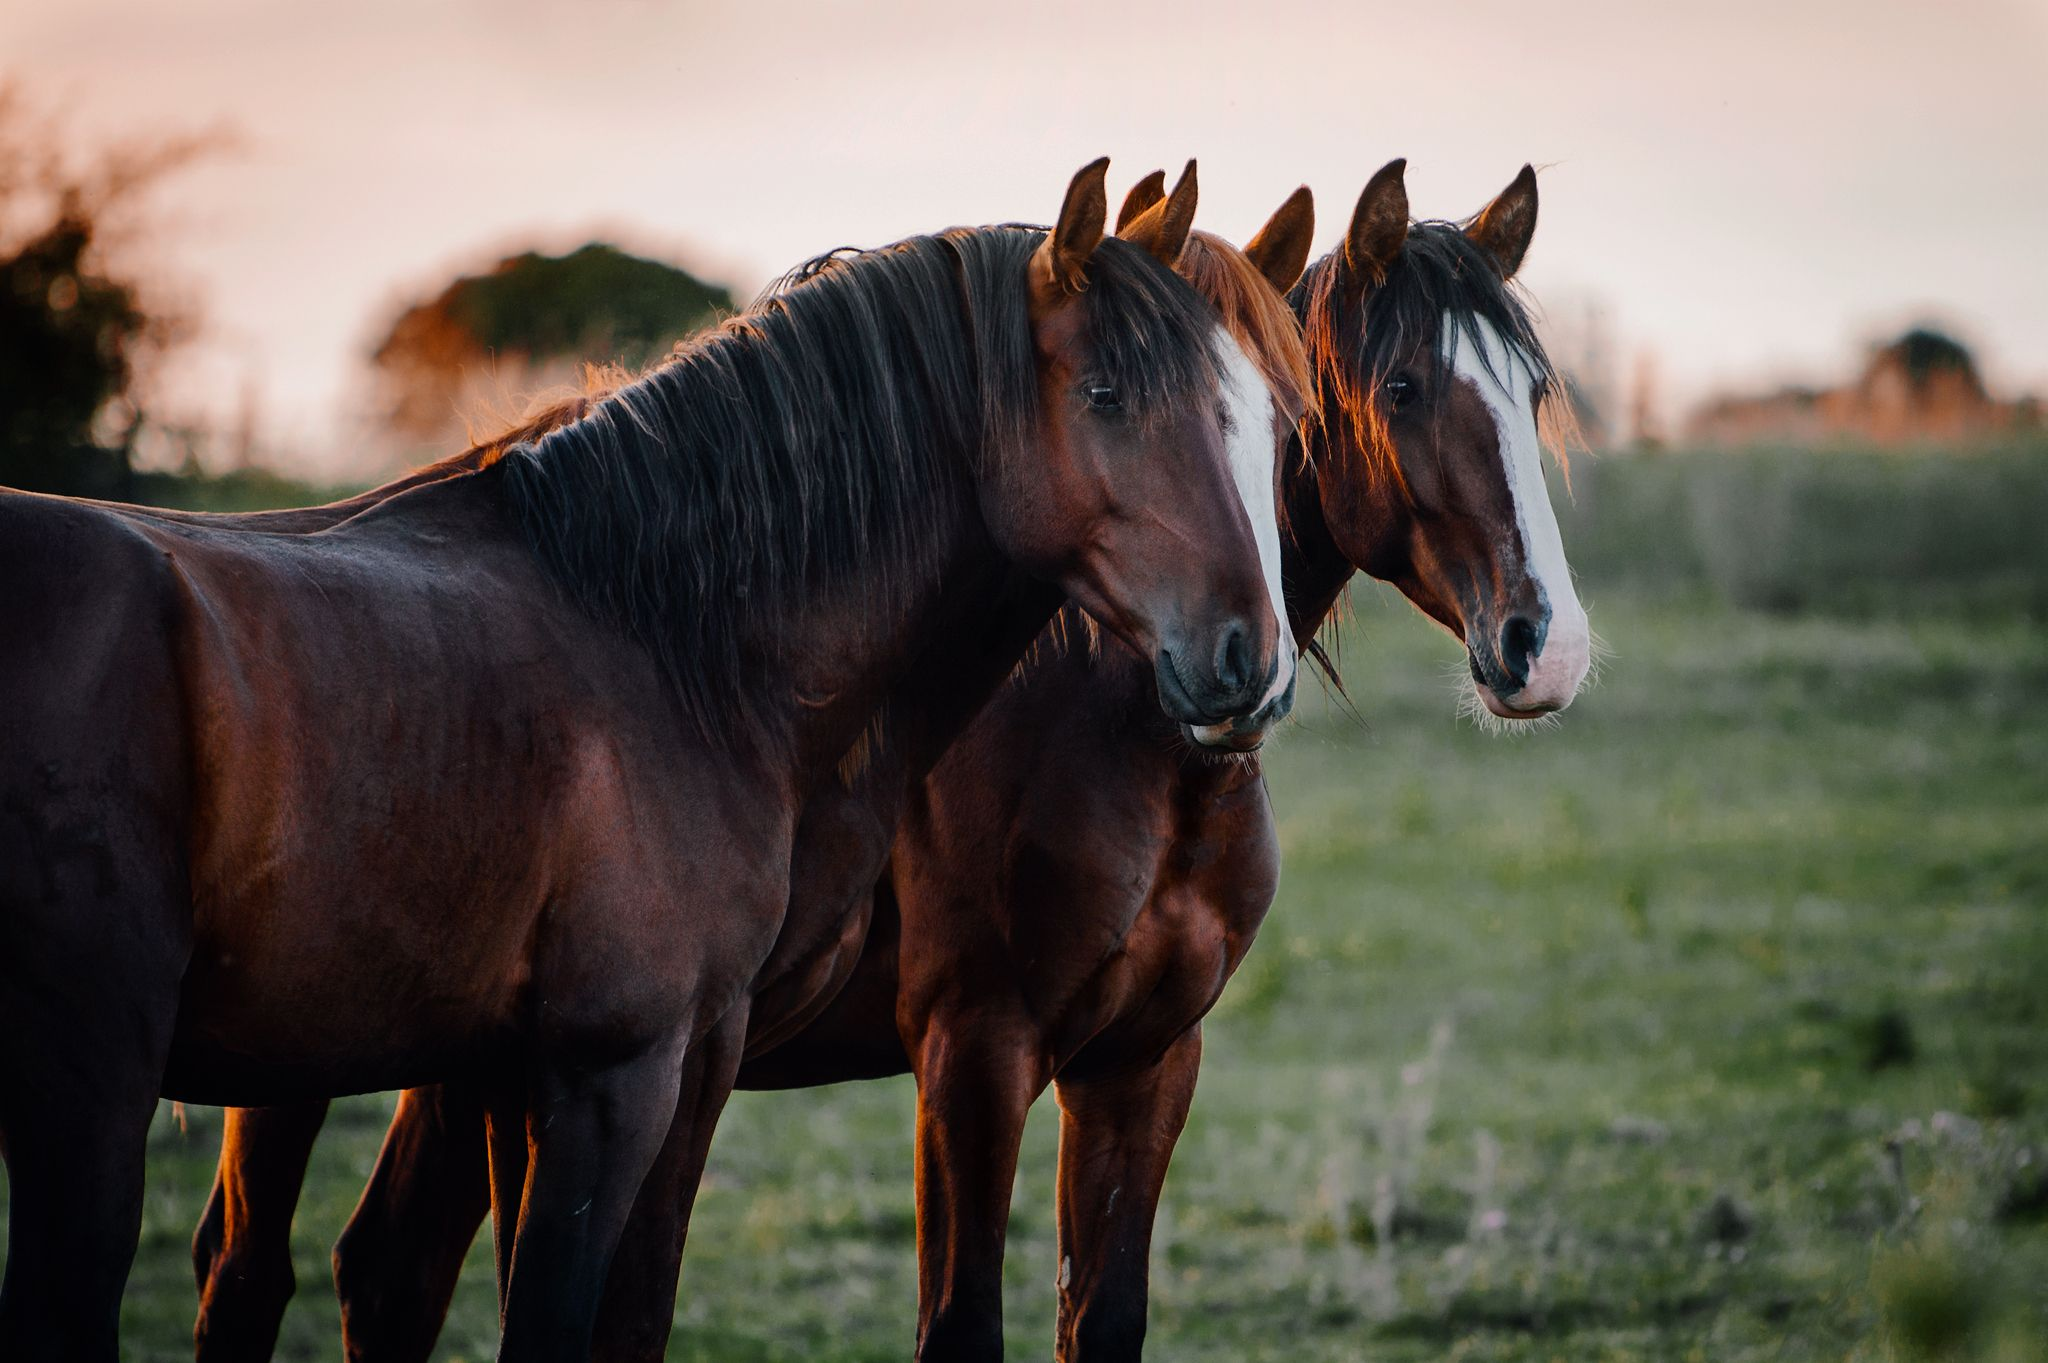 Fotos Pferde In Der Natur I Pferde Pferde Wallpaper Pferde Fotografie